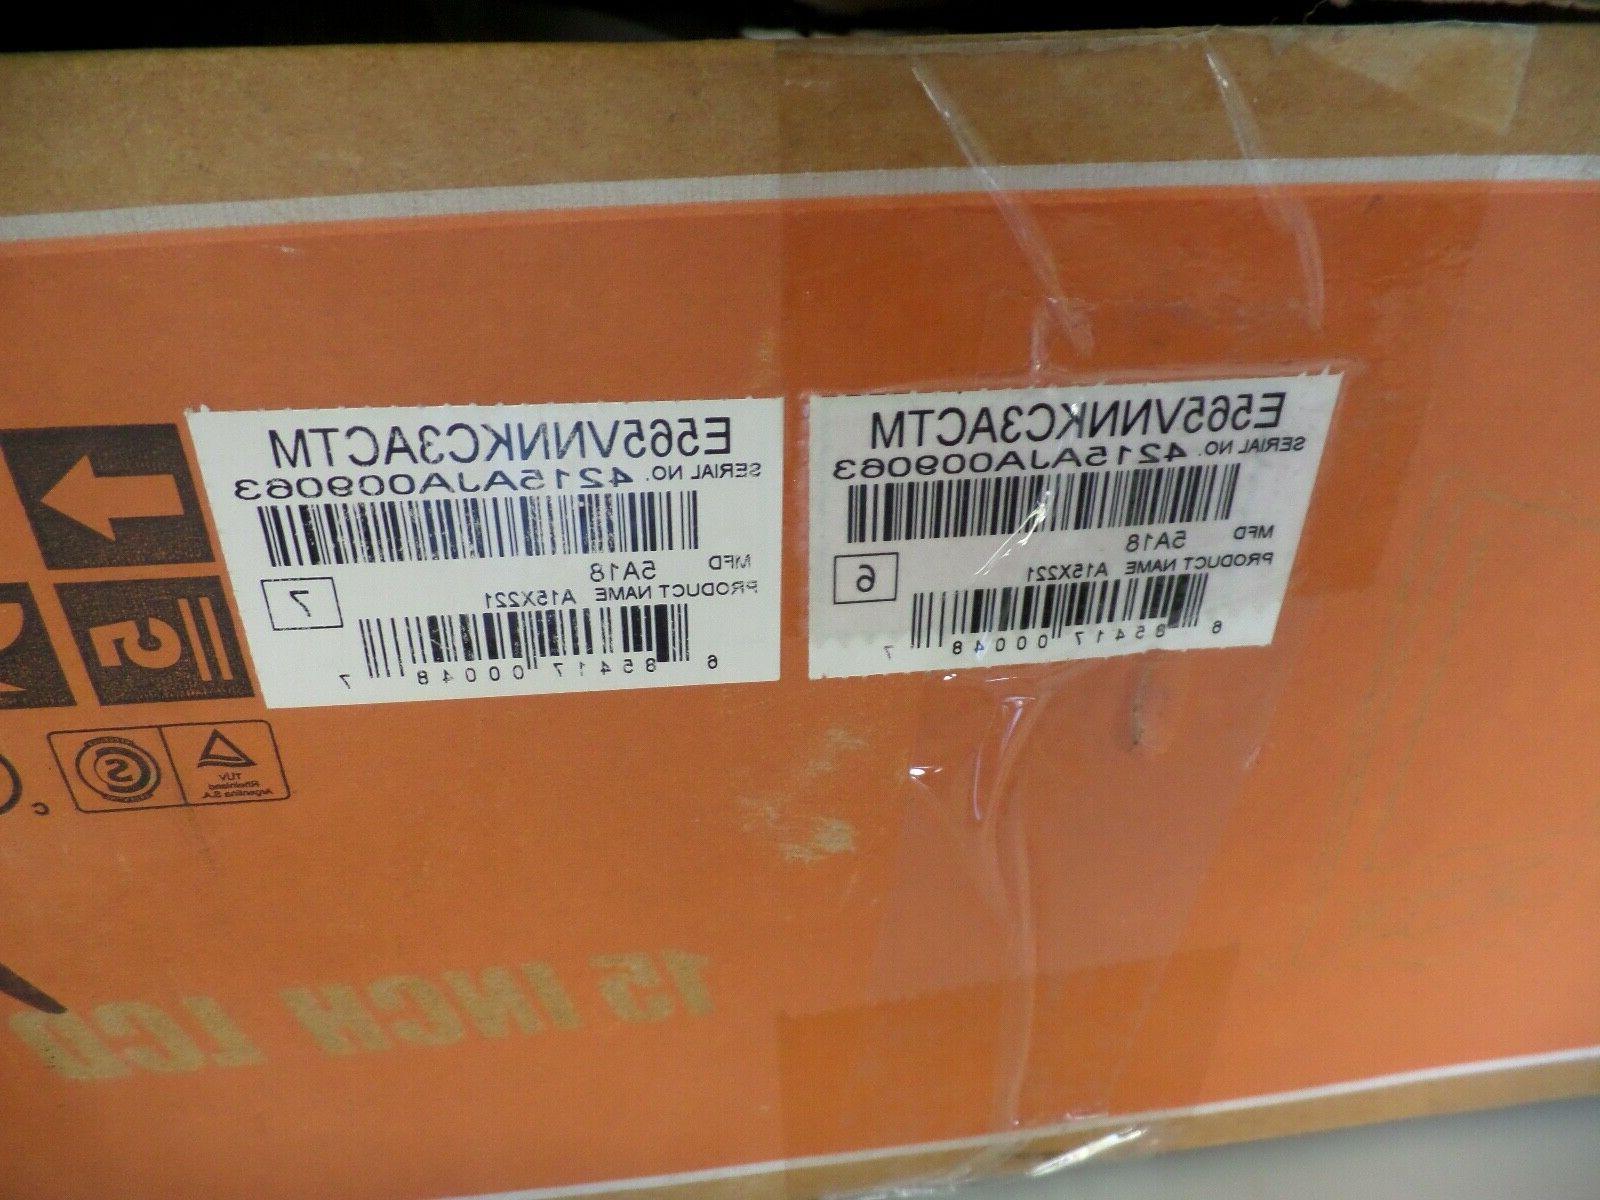 AOC Envision 15 LCD Remote IN BOX!